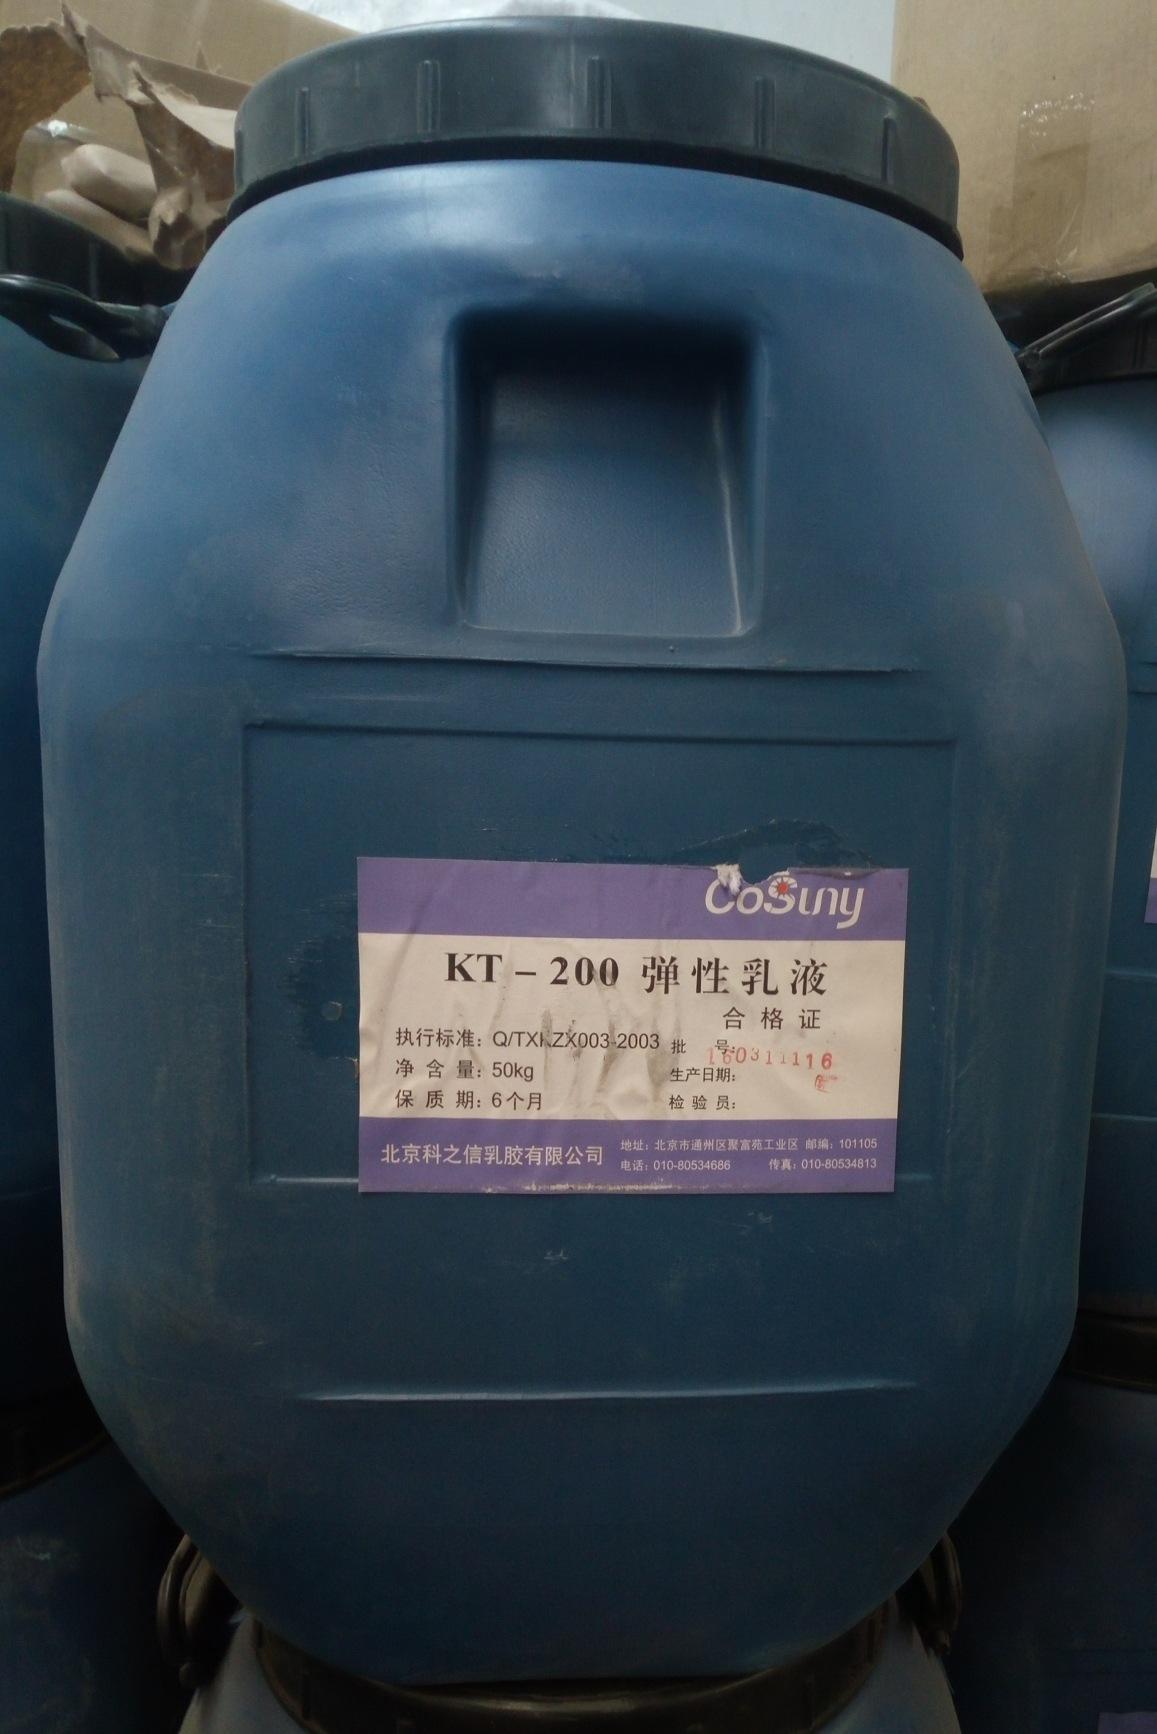 供应苯丙弹性乳液KT-200 北京科之信 用于弹性拉花乳胶漆 青岛现